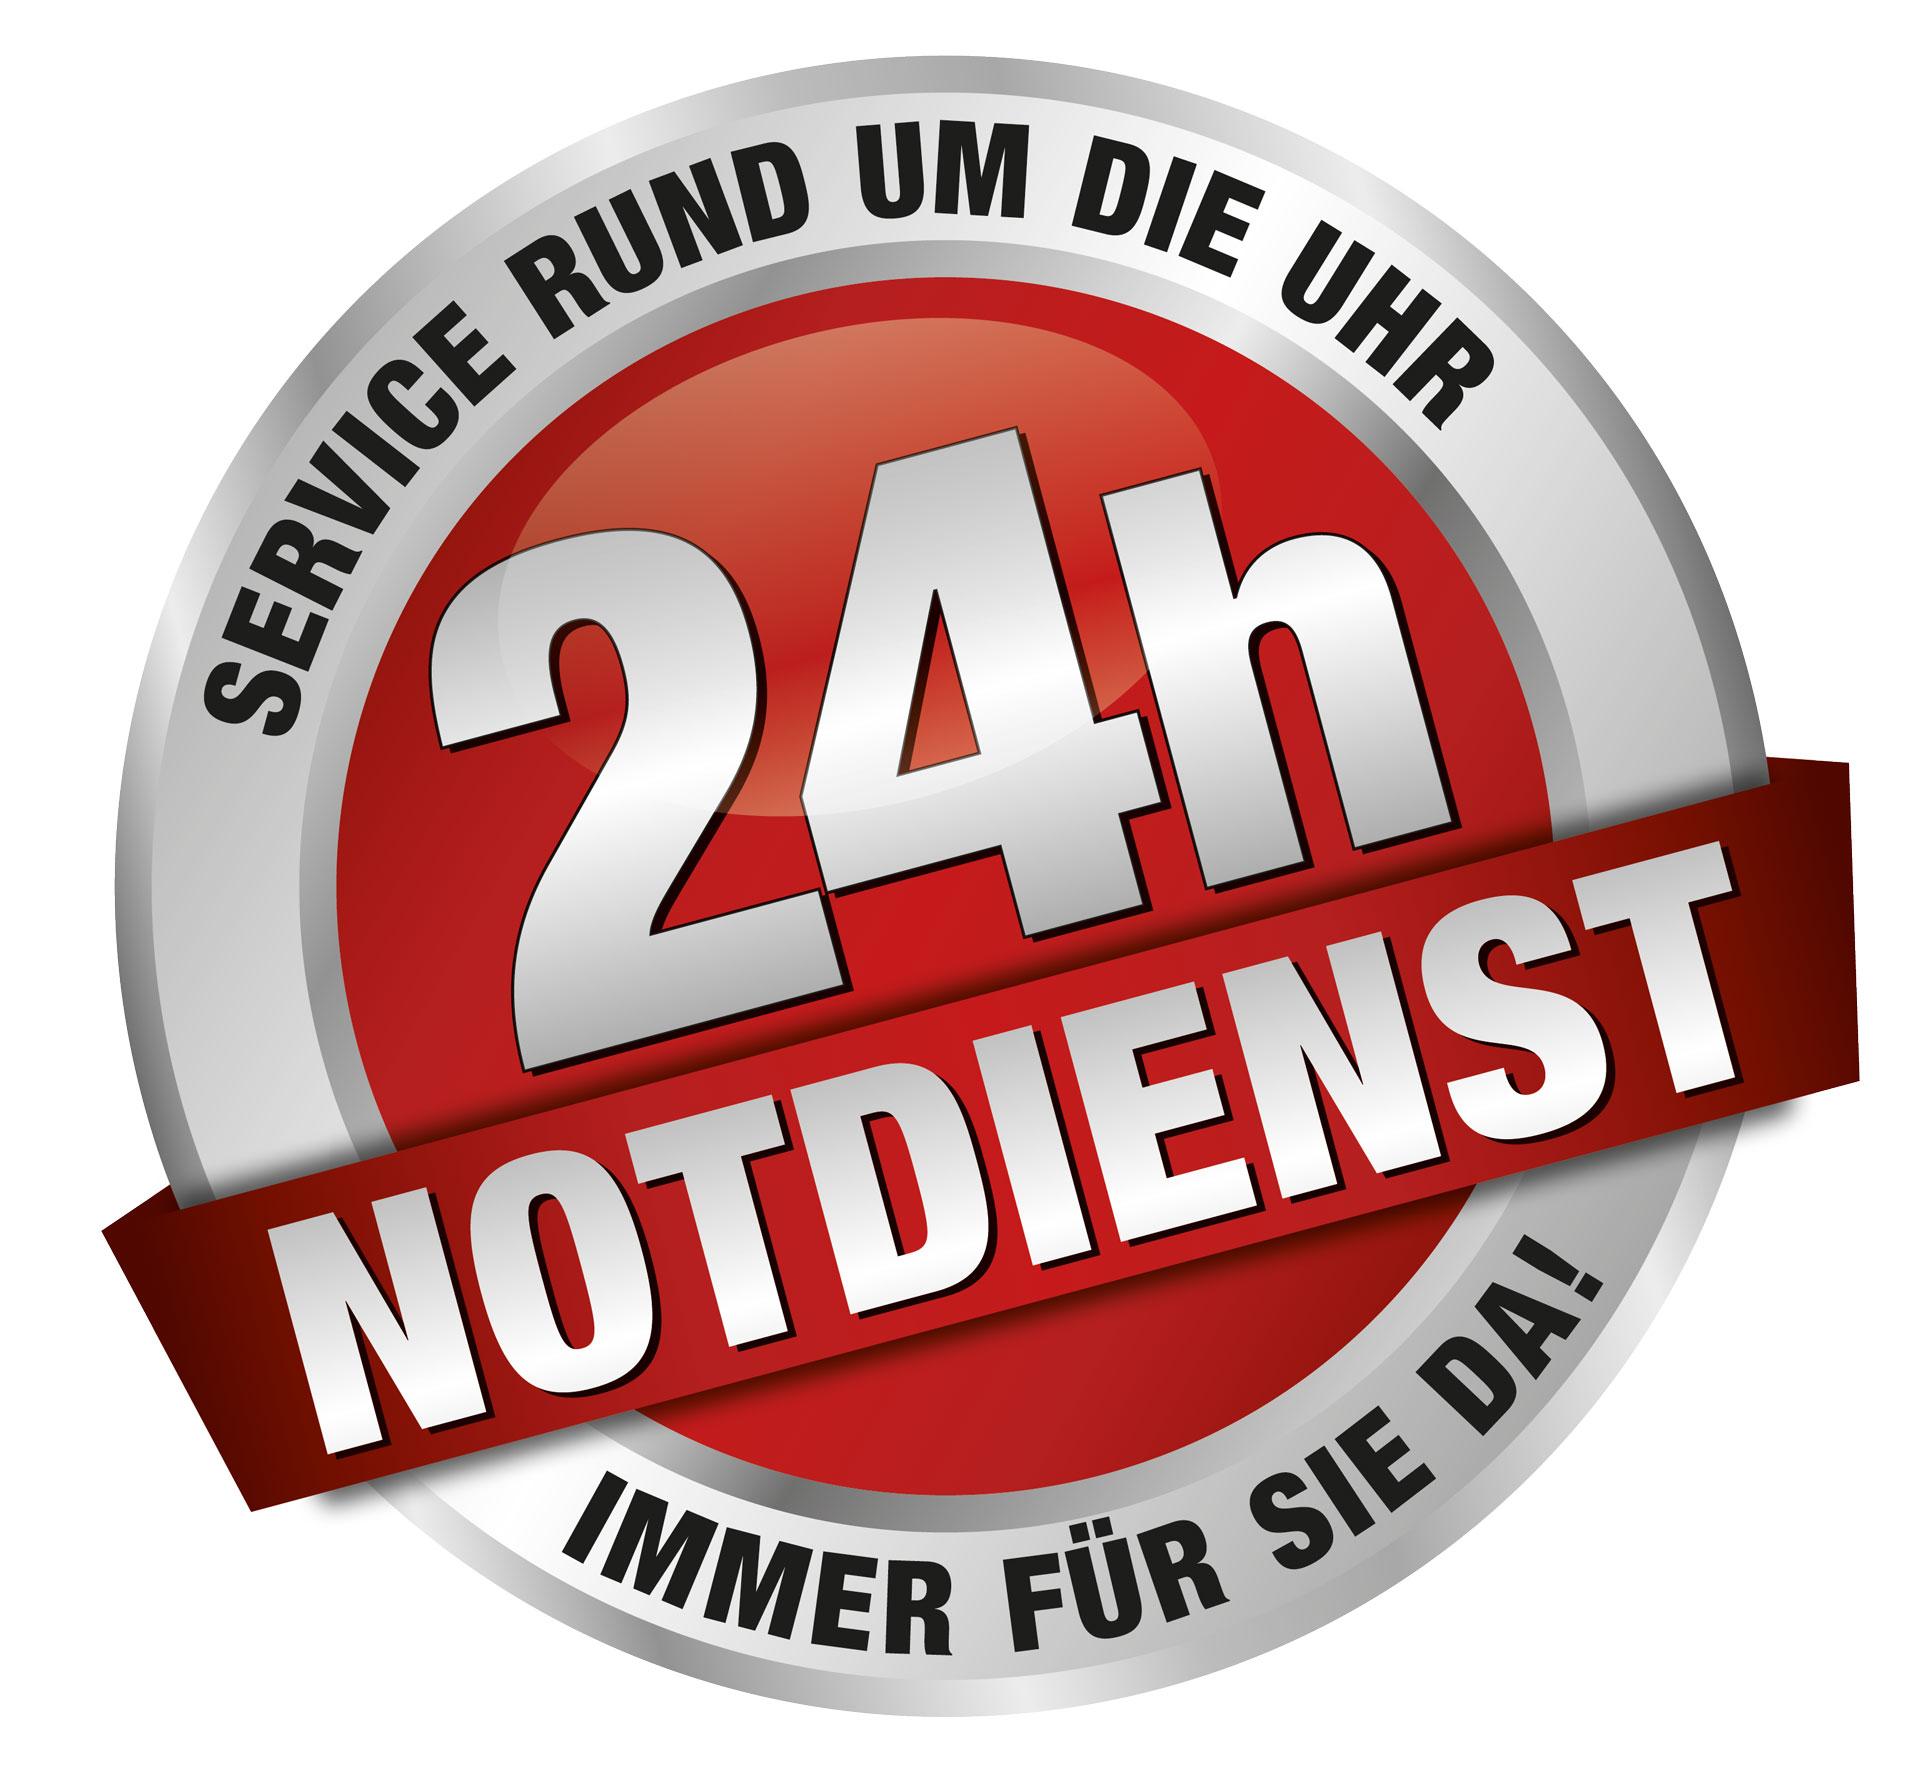 Rohr, Abfluss, Kanal Notdienst, Seligenstadt, Offenbach, Mainhausen, Hainburg